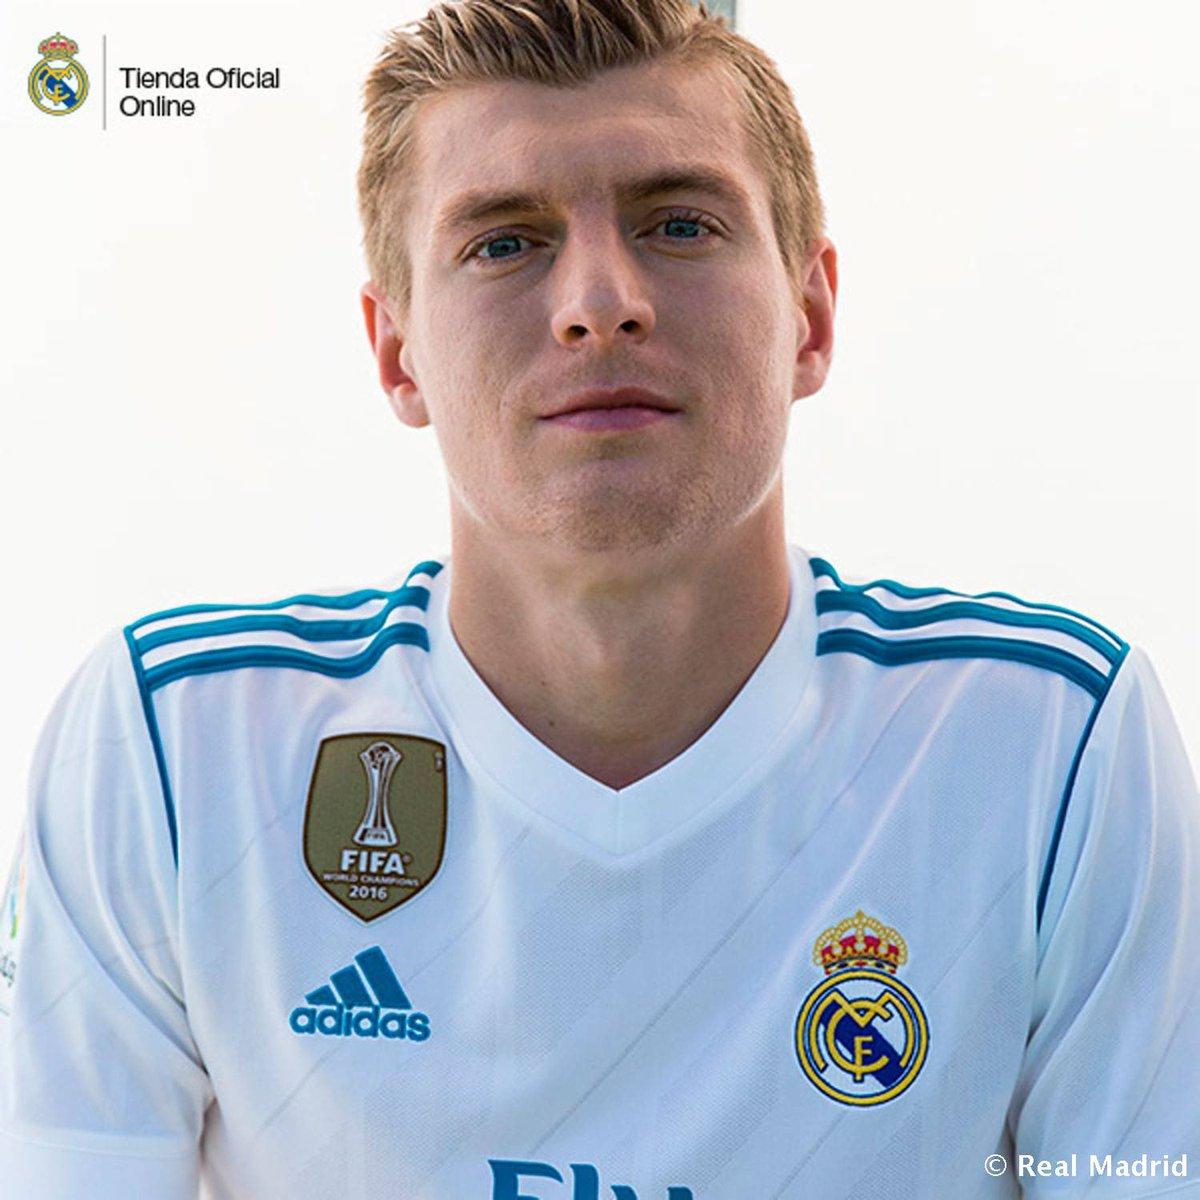 بالصور صور ريال مدريد 2019 , نادى المحترفين و الابطال الخارقين 2602 3